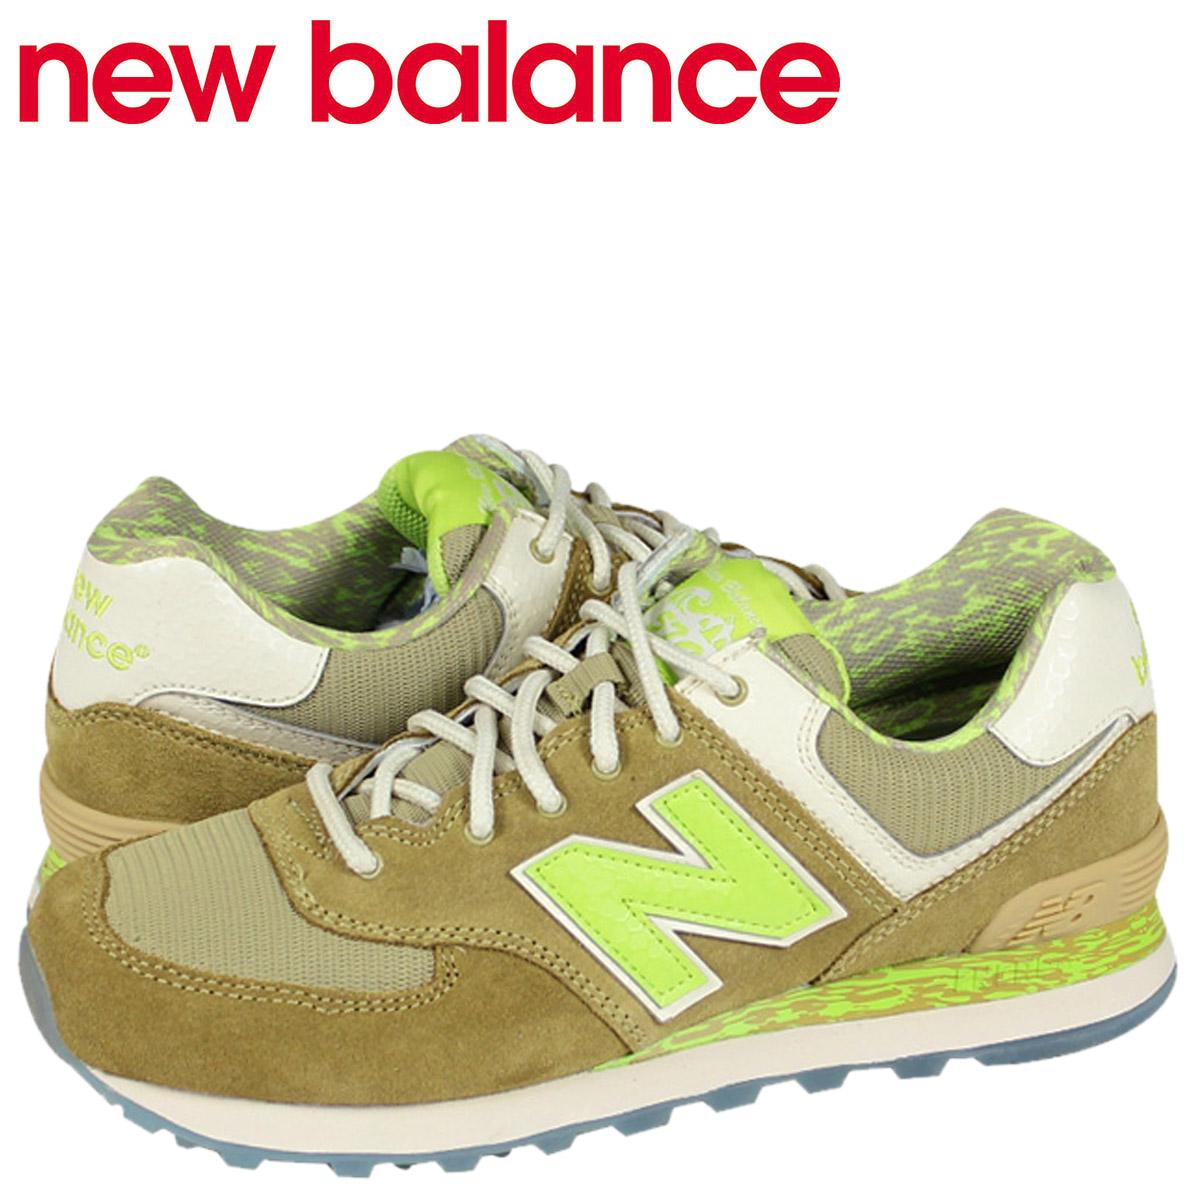 new balance 574 d